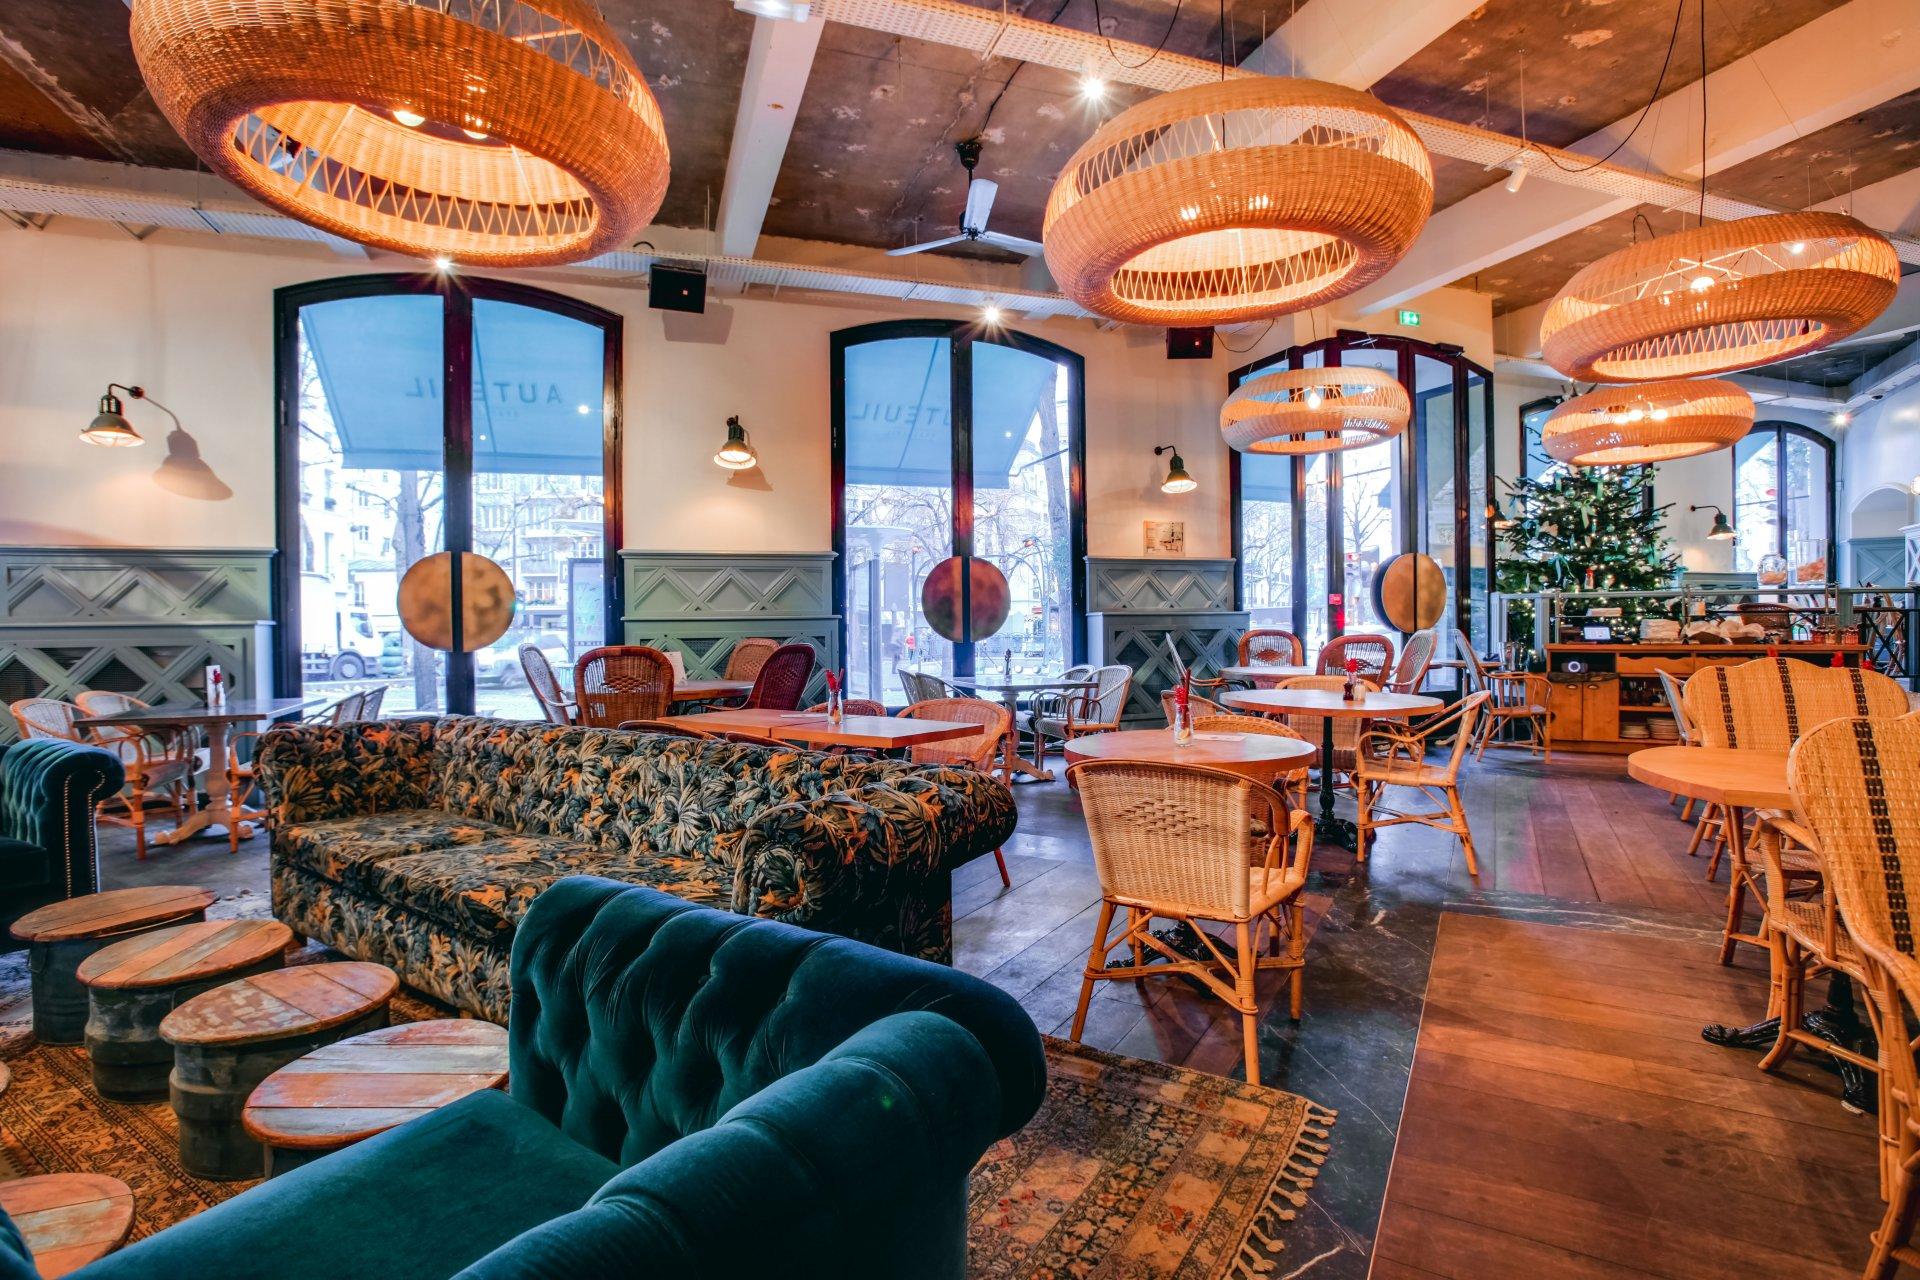 brasserie d auteuil carte Restaurant Brasserie Auteuil PARIS 16 Paris :